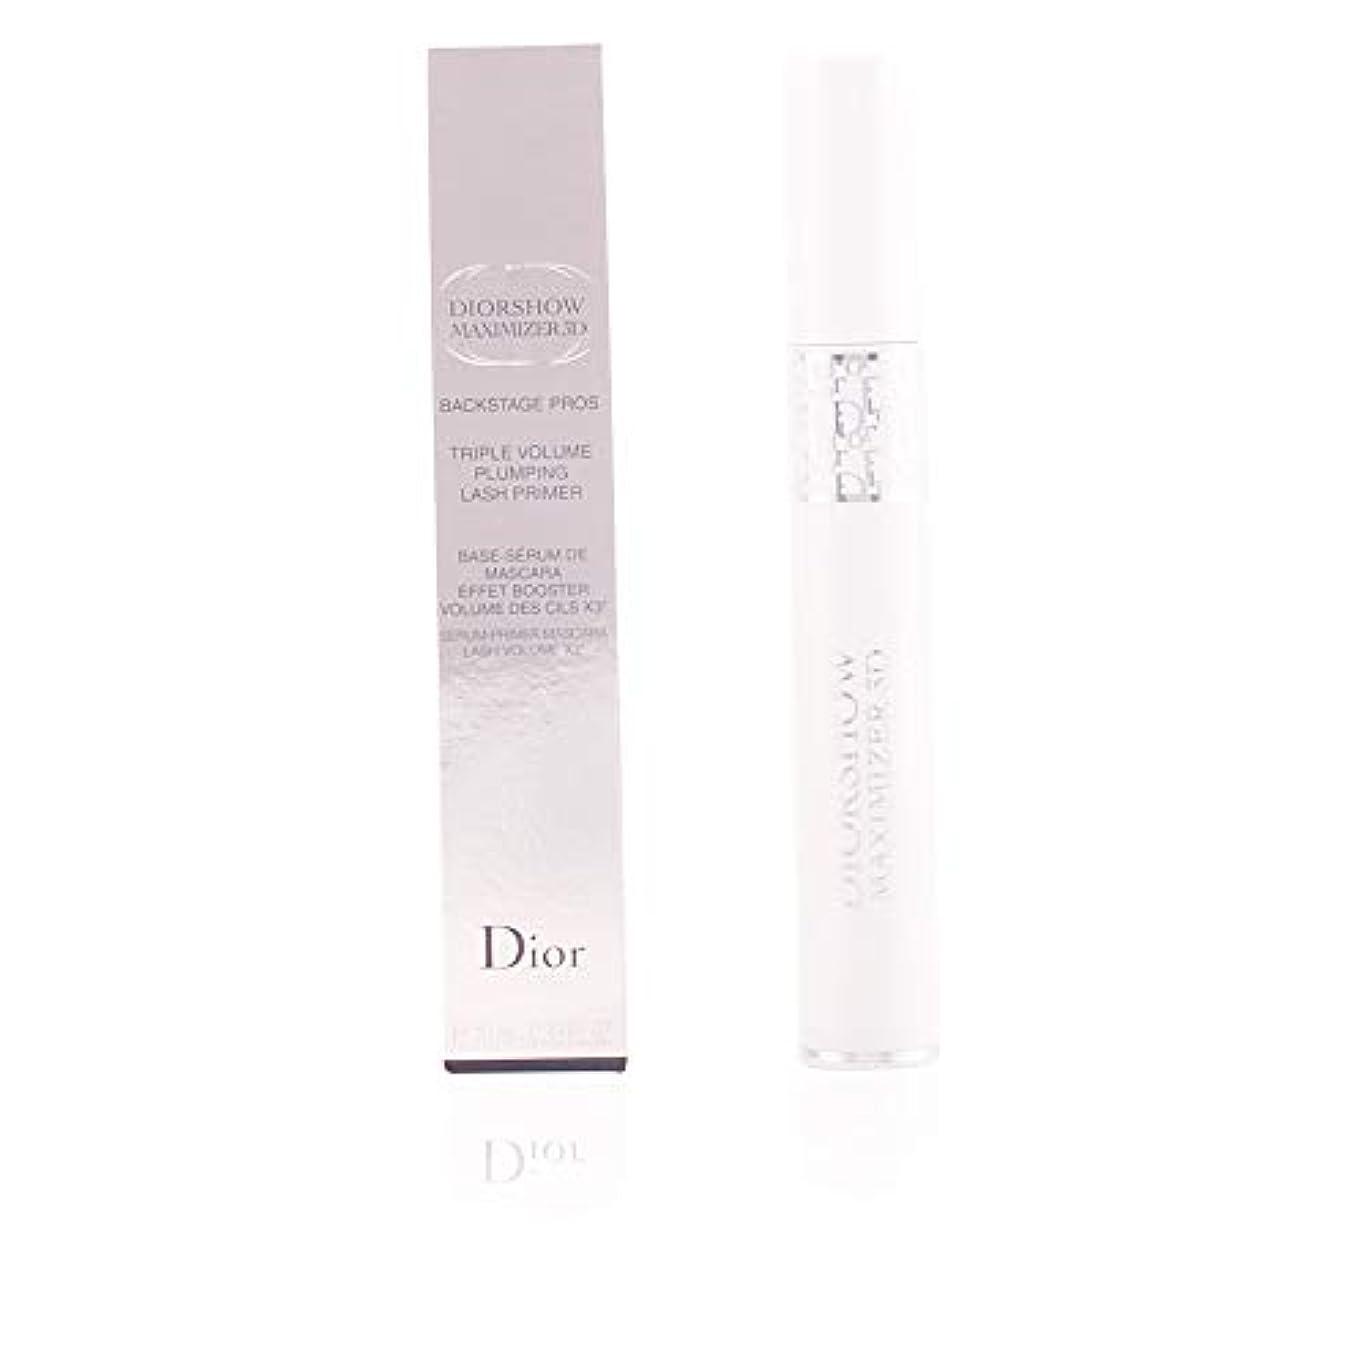 反動ぞっとするようなドレインクリスチャン ディオール(Christian Dior) ディオールショウ マキシマイザー 3D 10ml[並行輸入品]